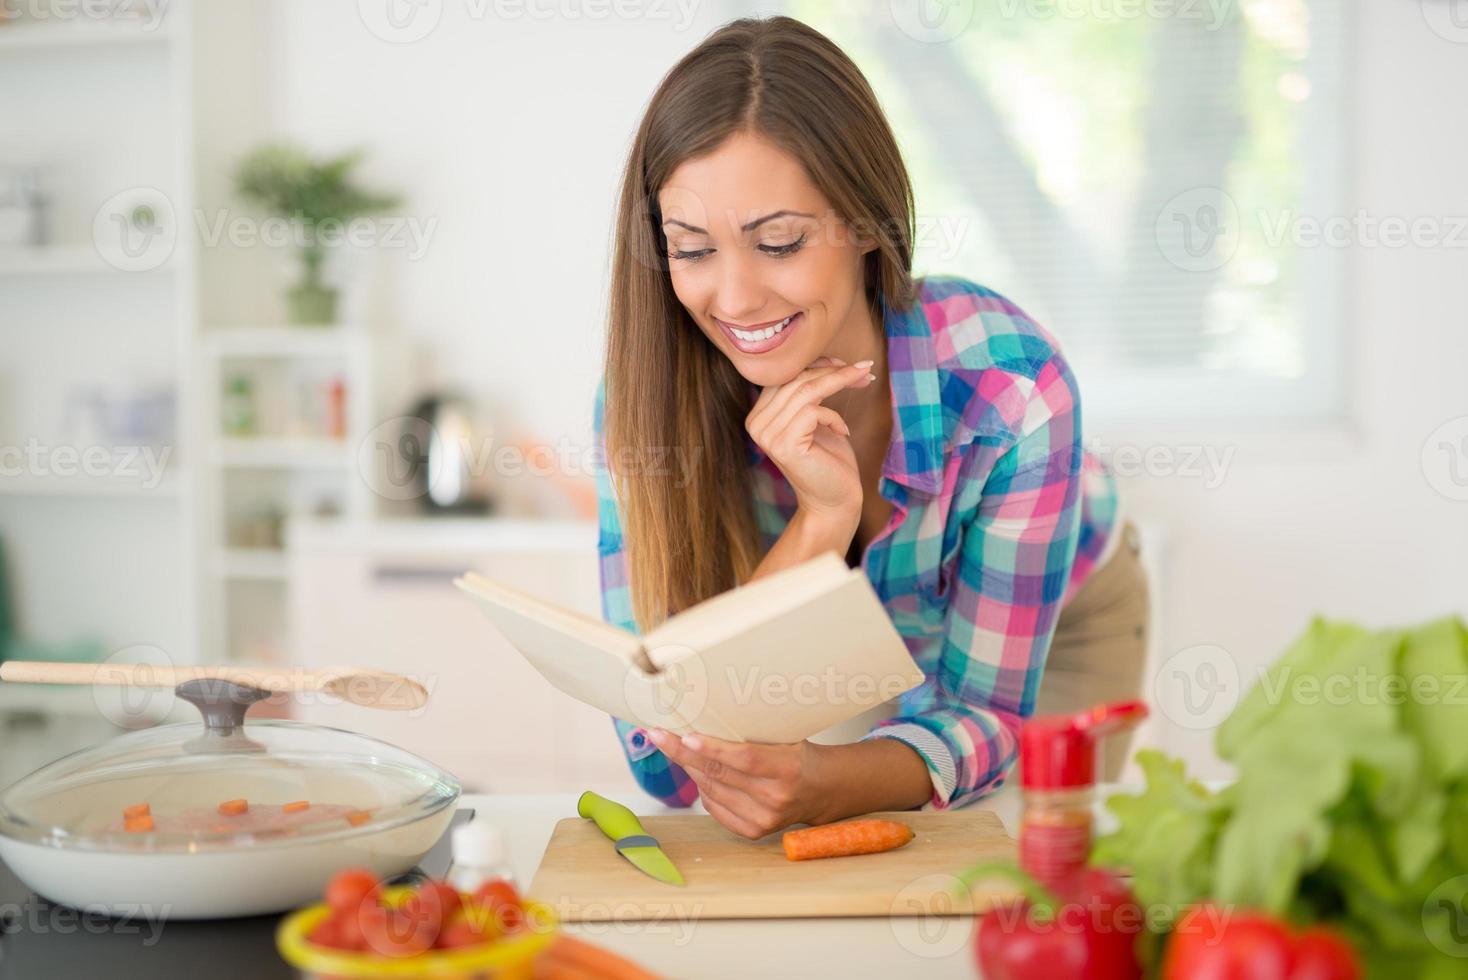 jovem mulher cozinhando foto